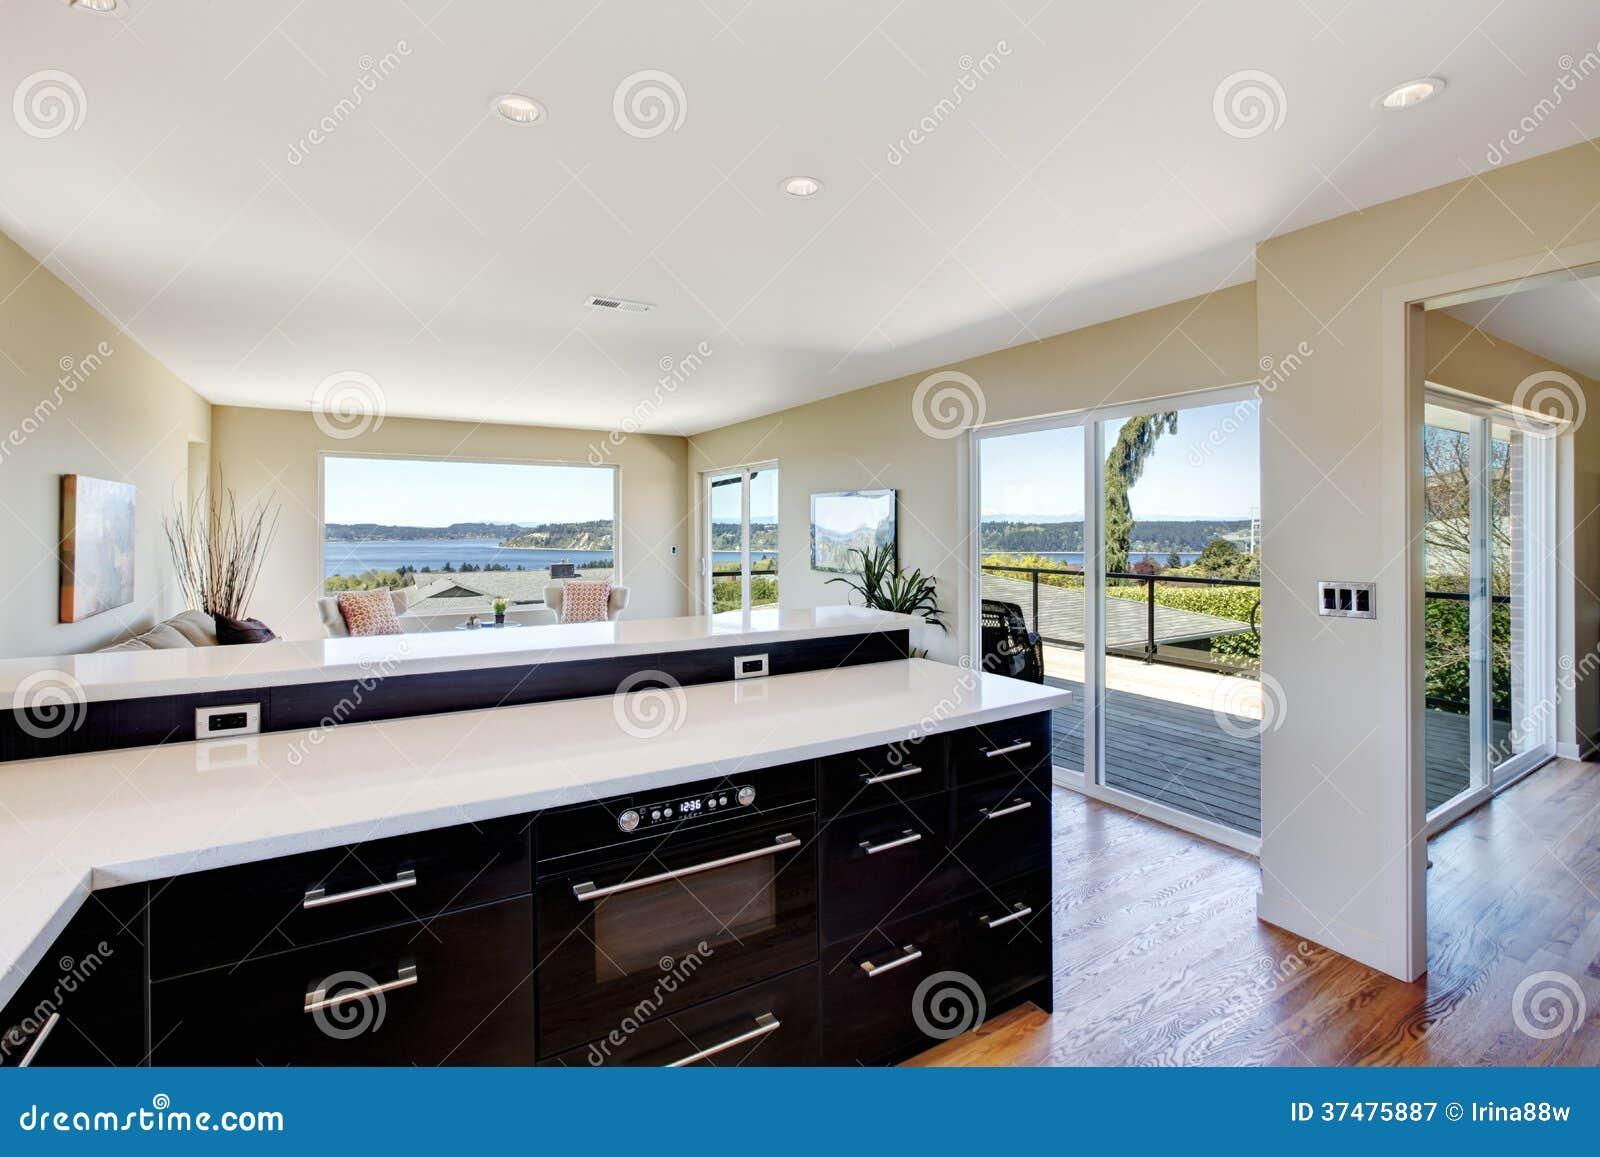 Conception moderne de cuisine et de salon ouvrez l 39 id e de conception de plan image stock - Conception de cuisine ...